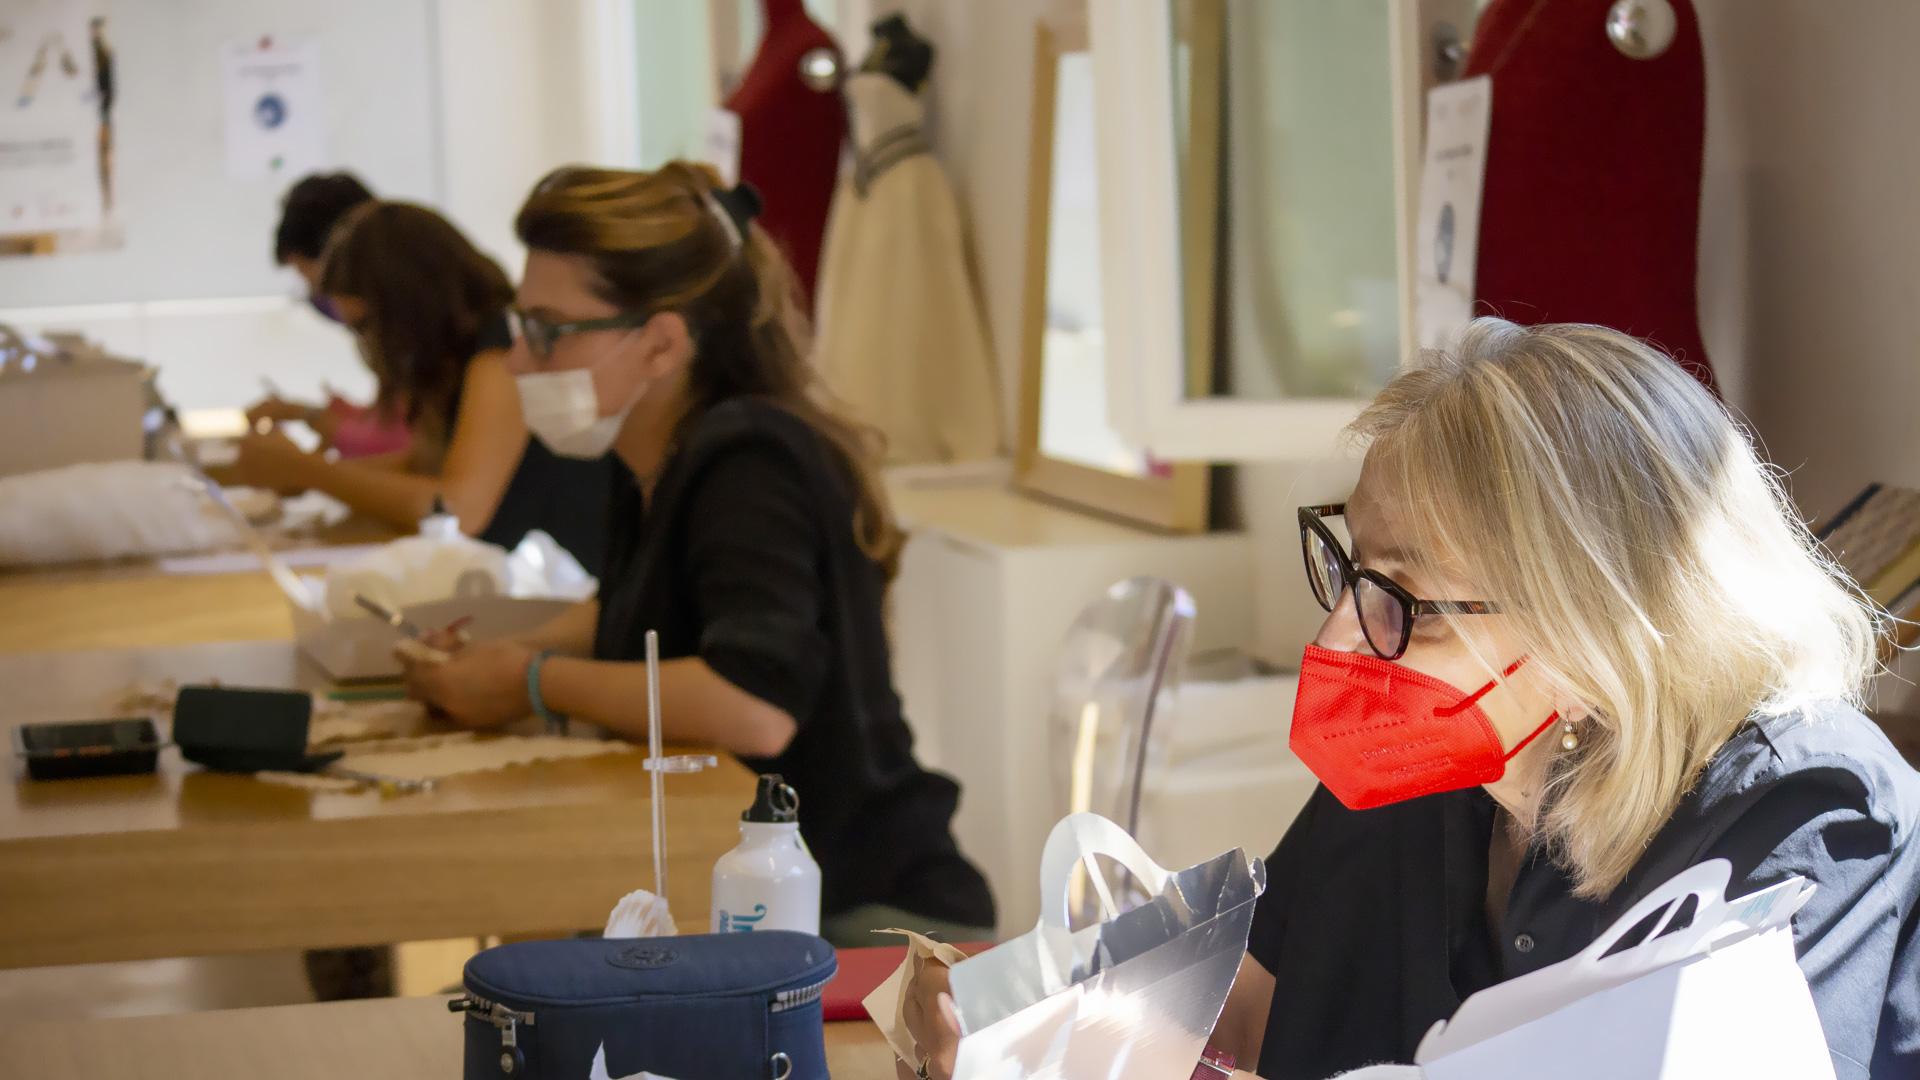 Corso di cucito creativo: imparare a cucire la Venere di Botticelli